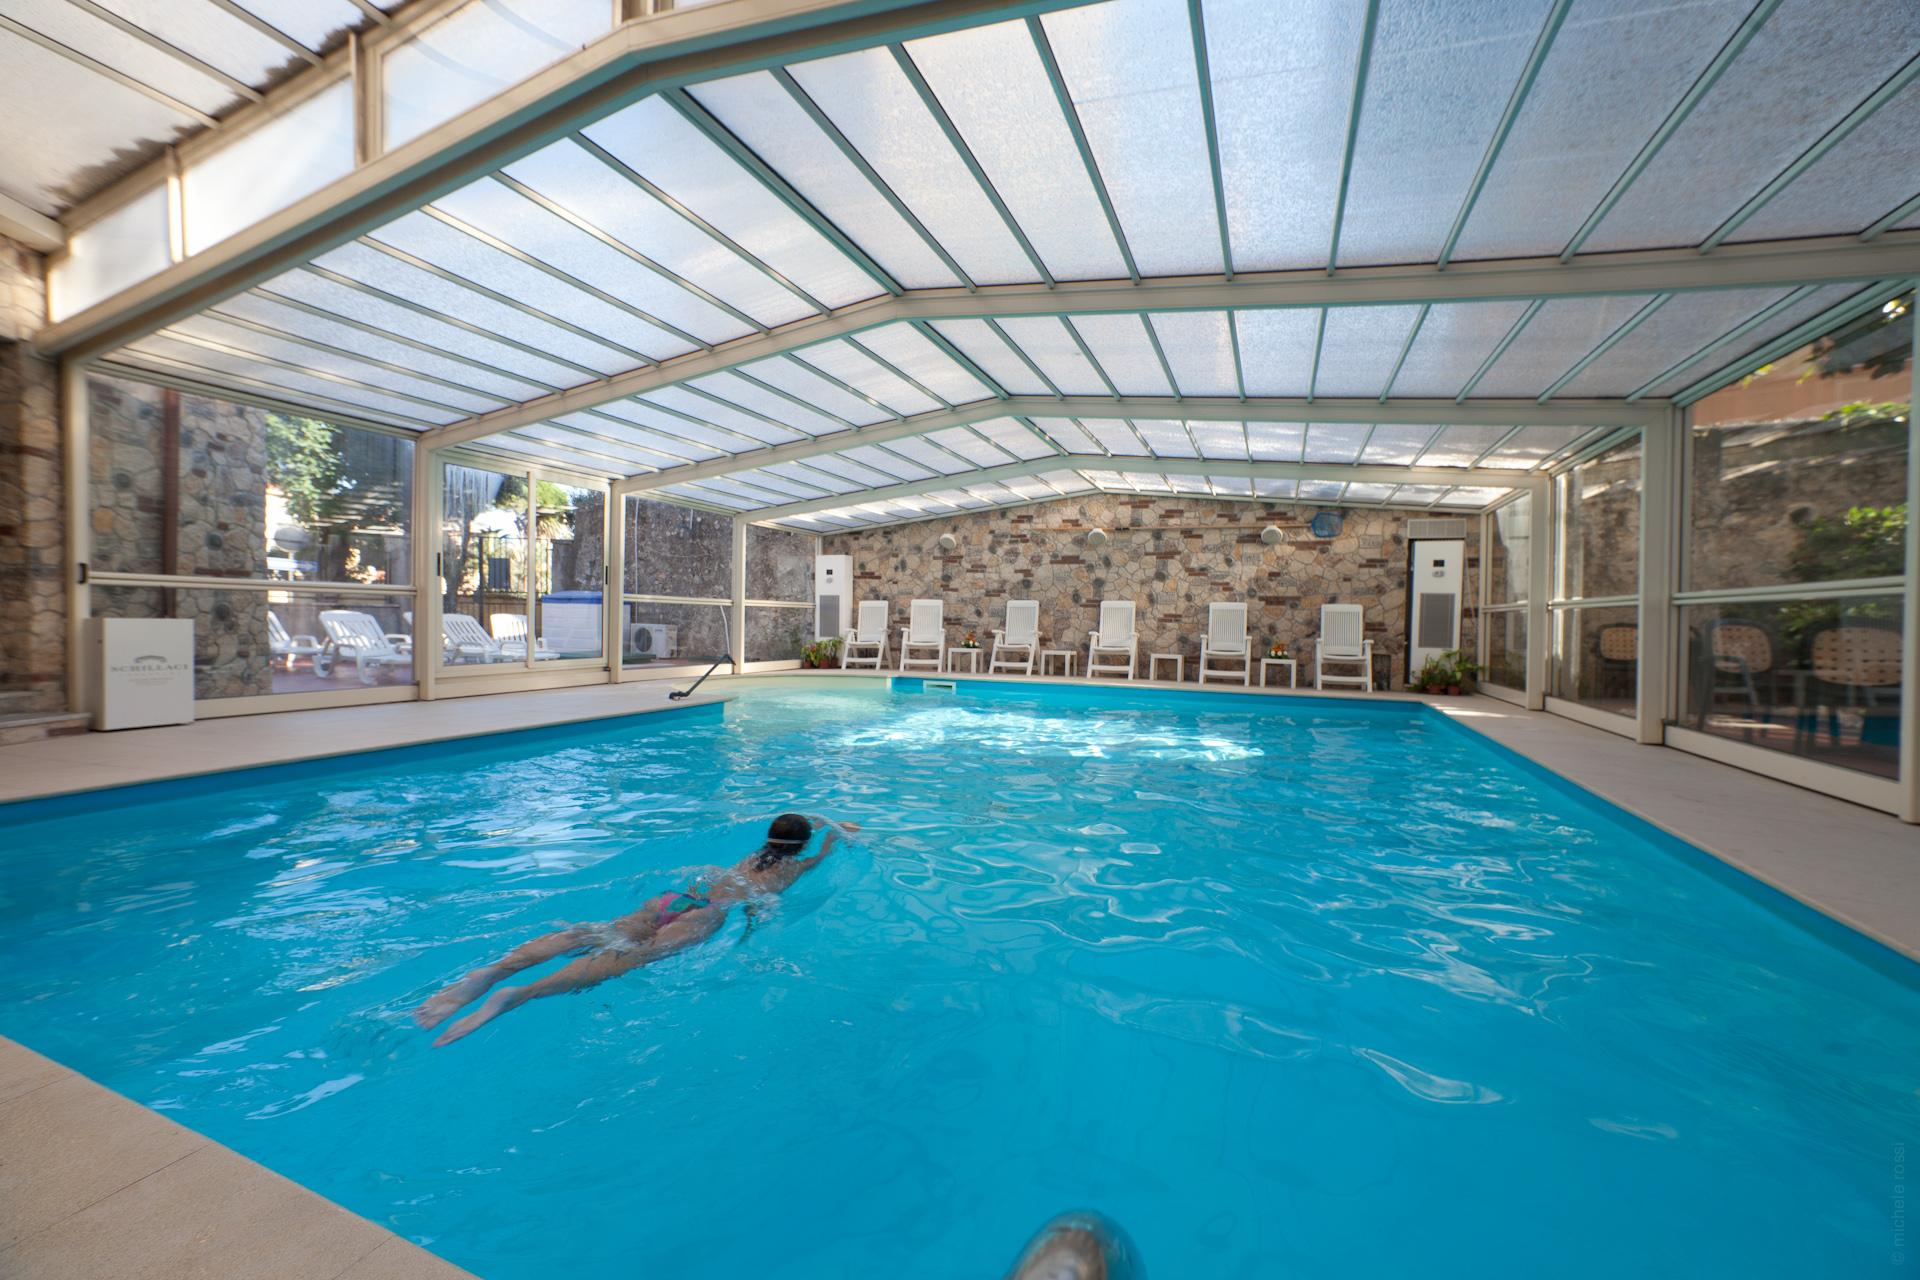 Offerte speciali invernali bambino gratis inverno bambino - Hotel riccione con piscina coperta ...